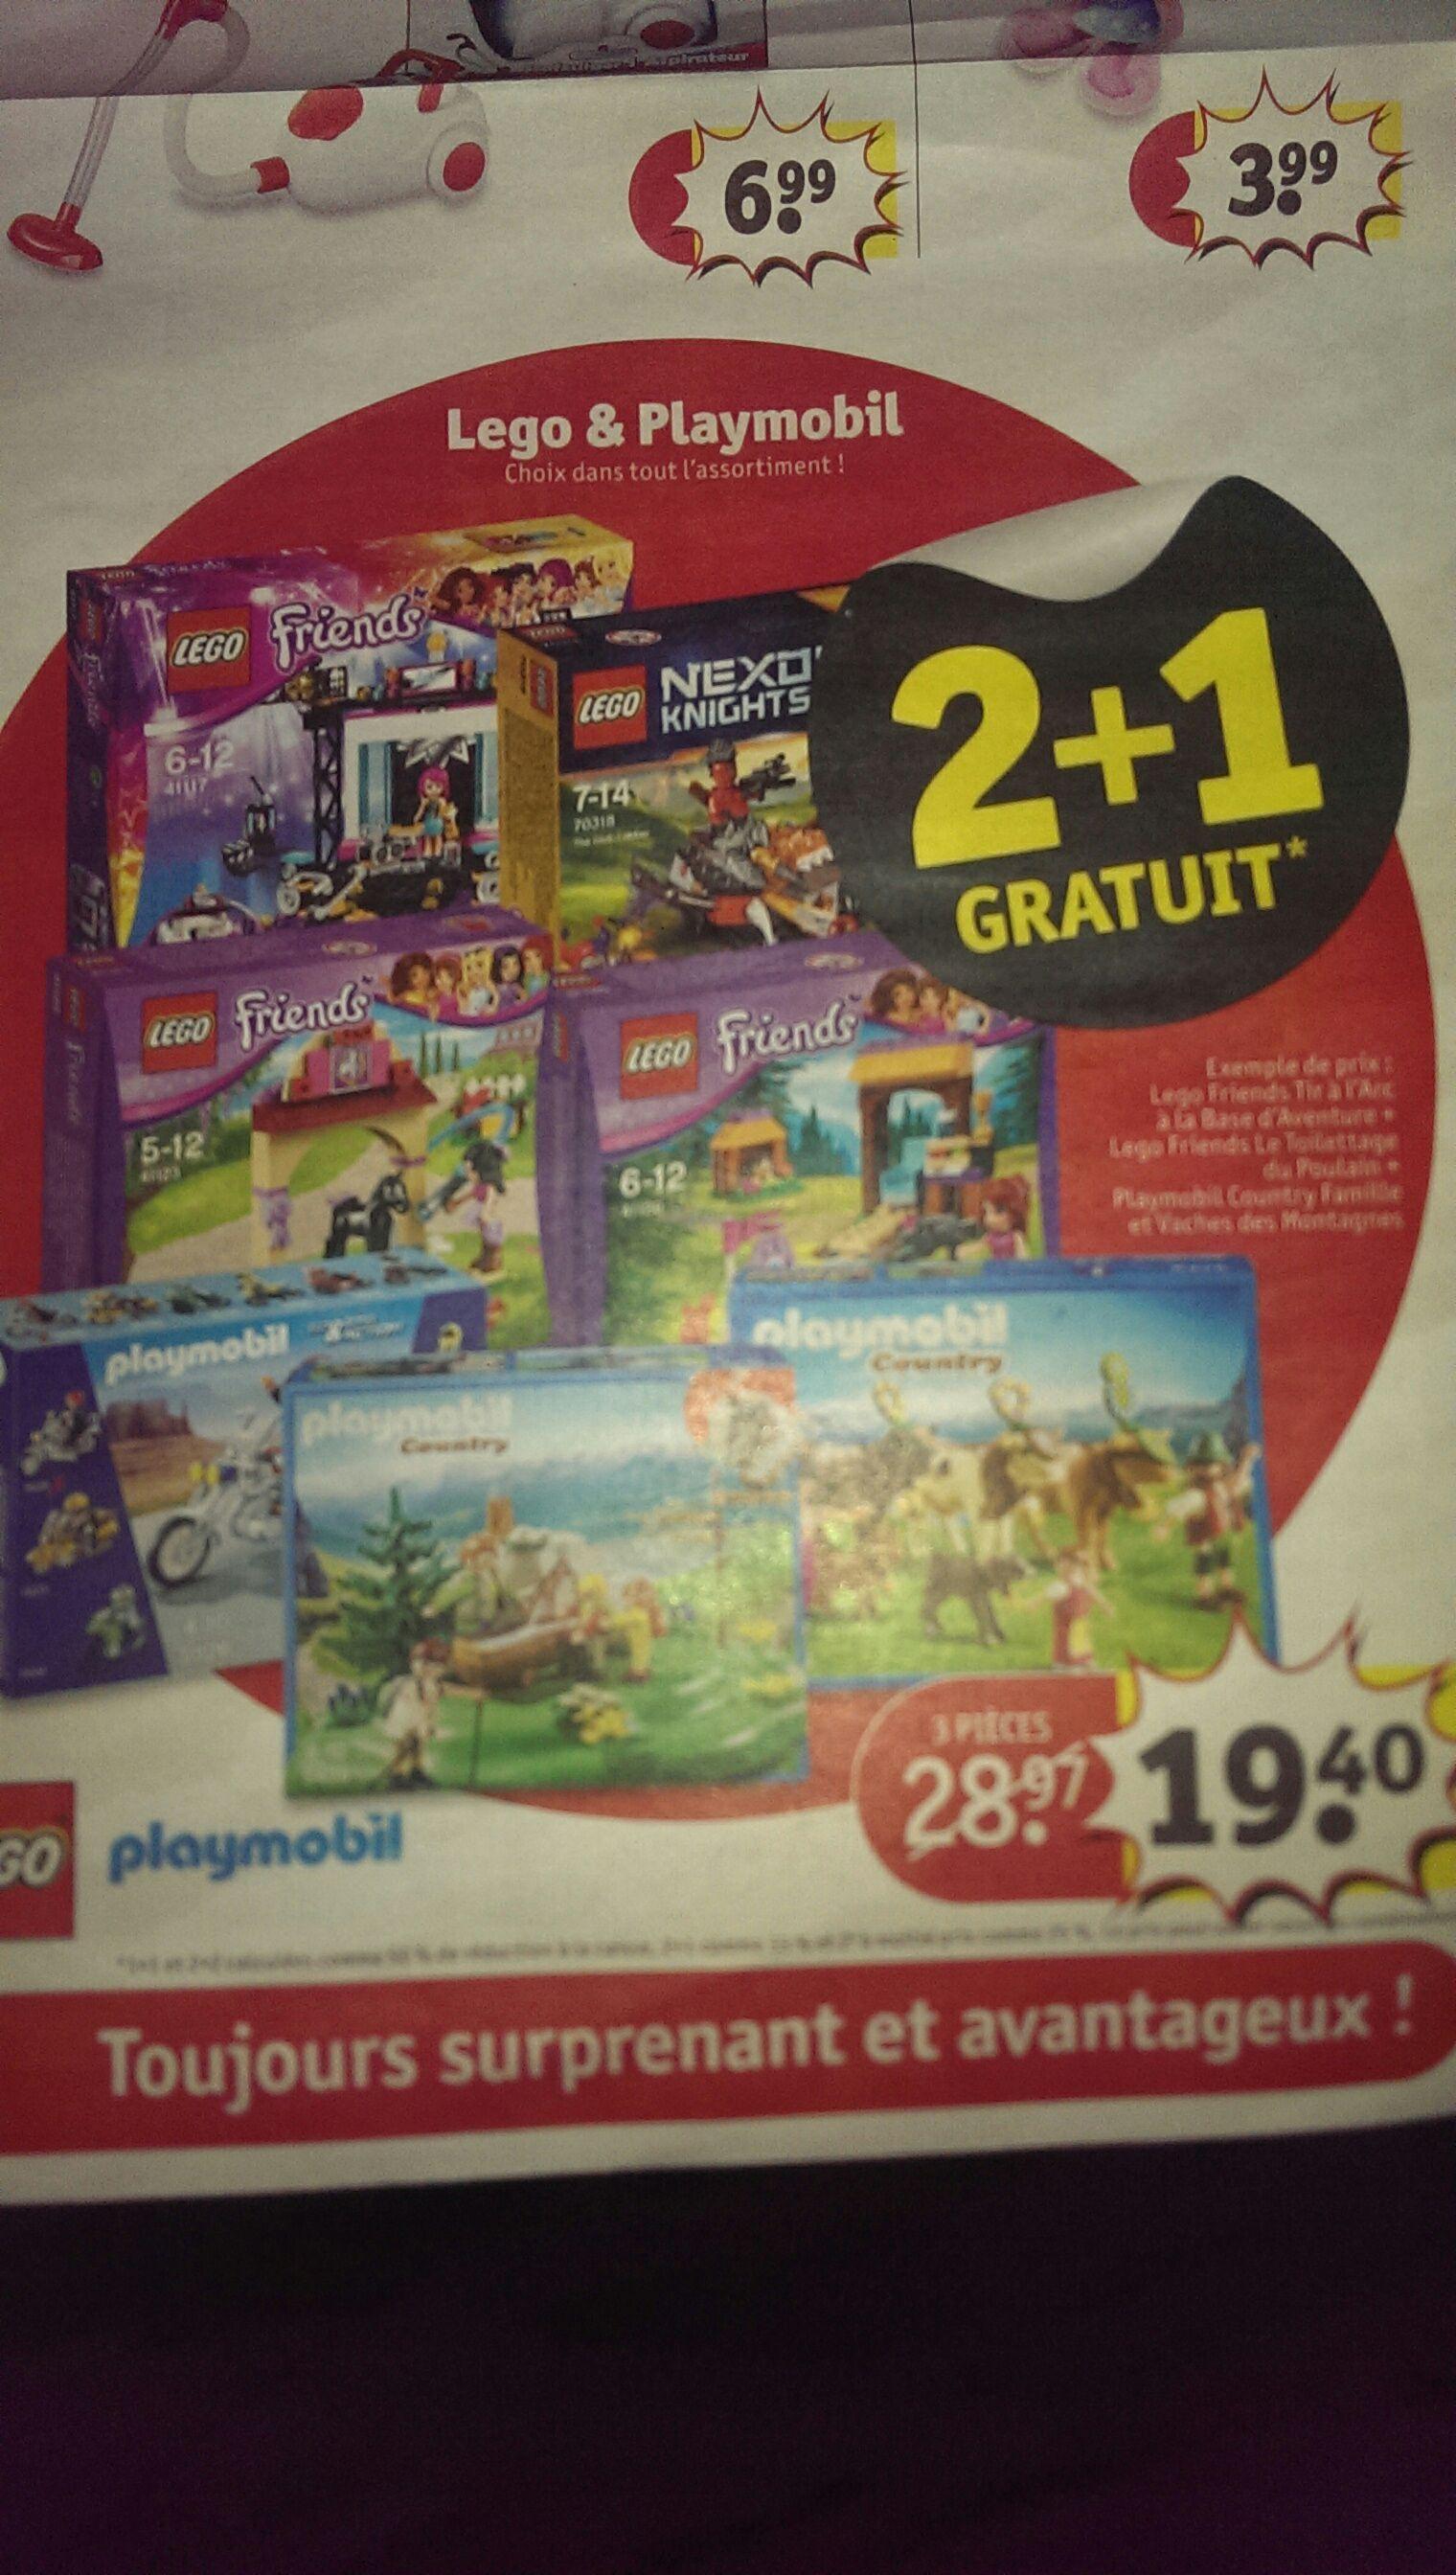 (2+1 gratuit) 3 Jeux Lego et Playmobil au choix parmi une large sélection